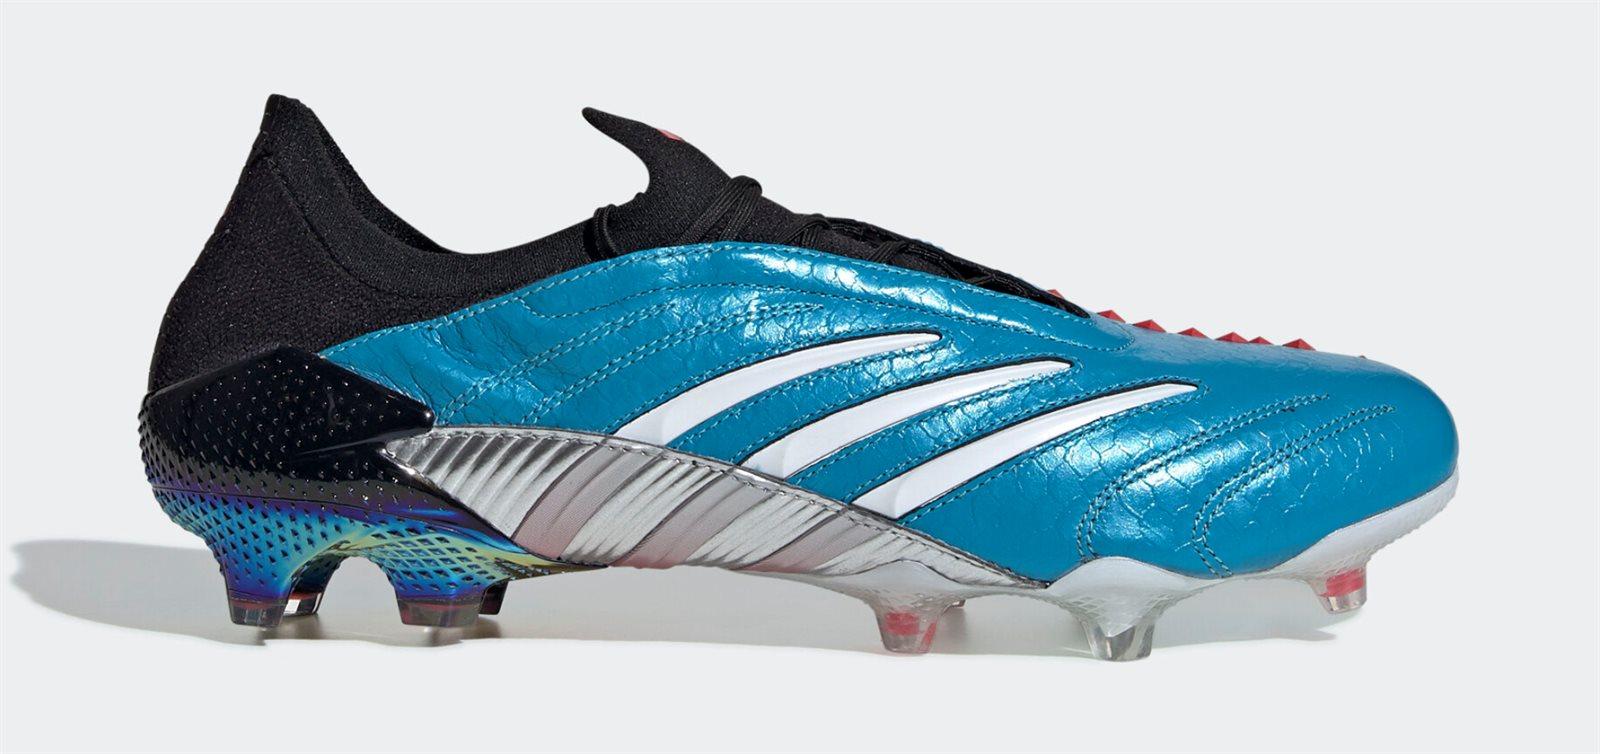 chaussure de foot james rodriguez,chaussure football